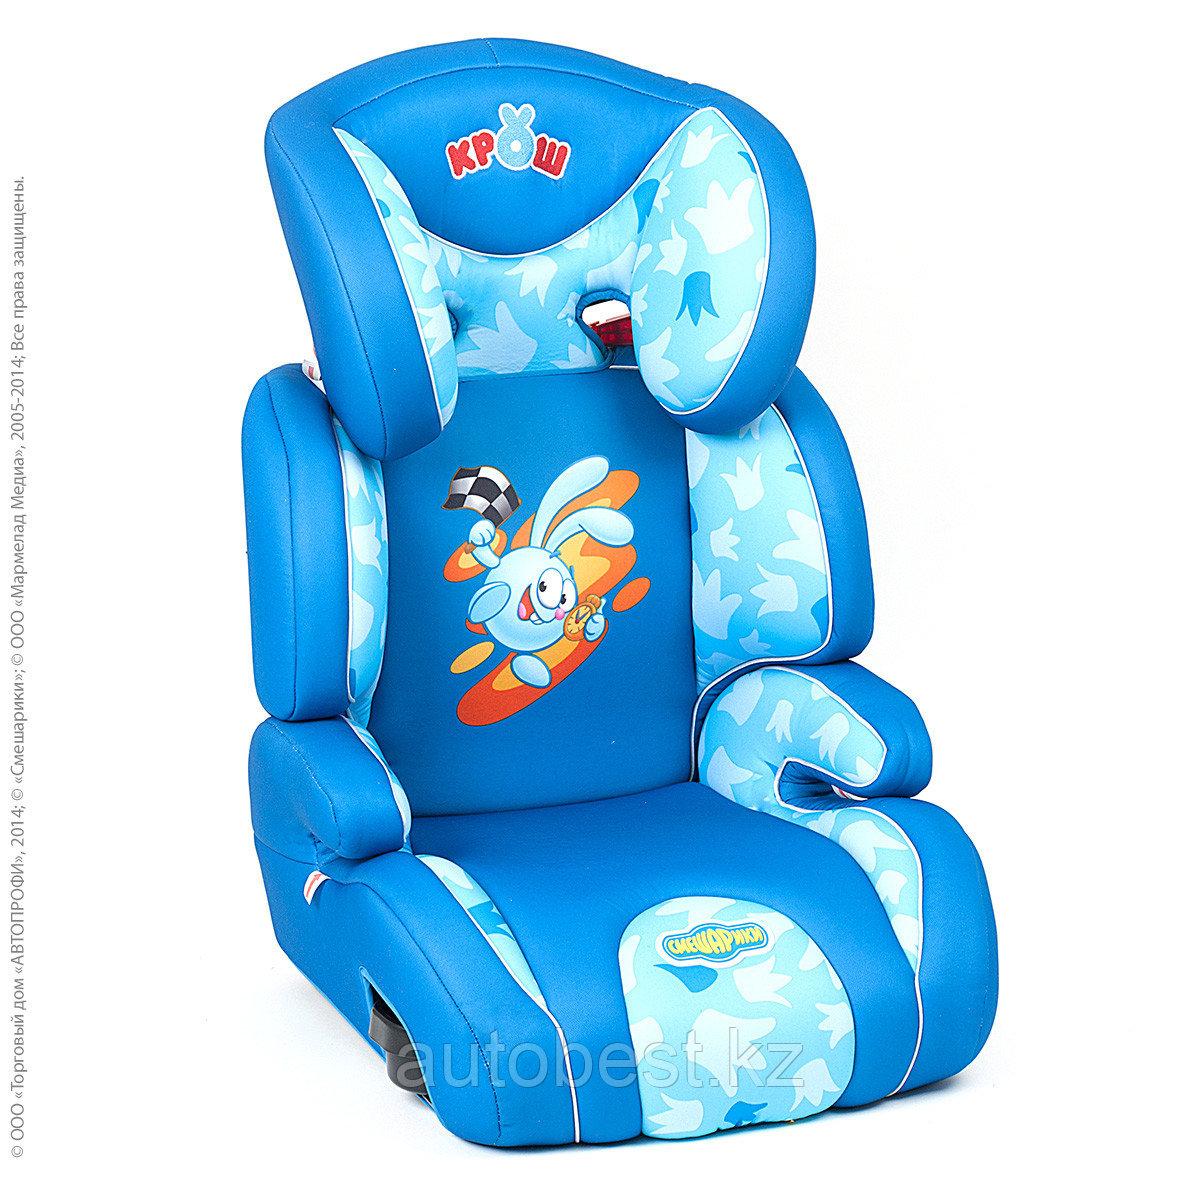 Детское кресло «Смешарики», группы 2/3 (15-36 кг/3-12 года),с Крошем, поролон 3 см,син/голубой